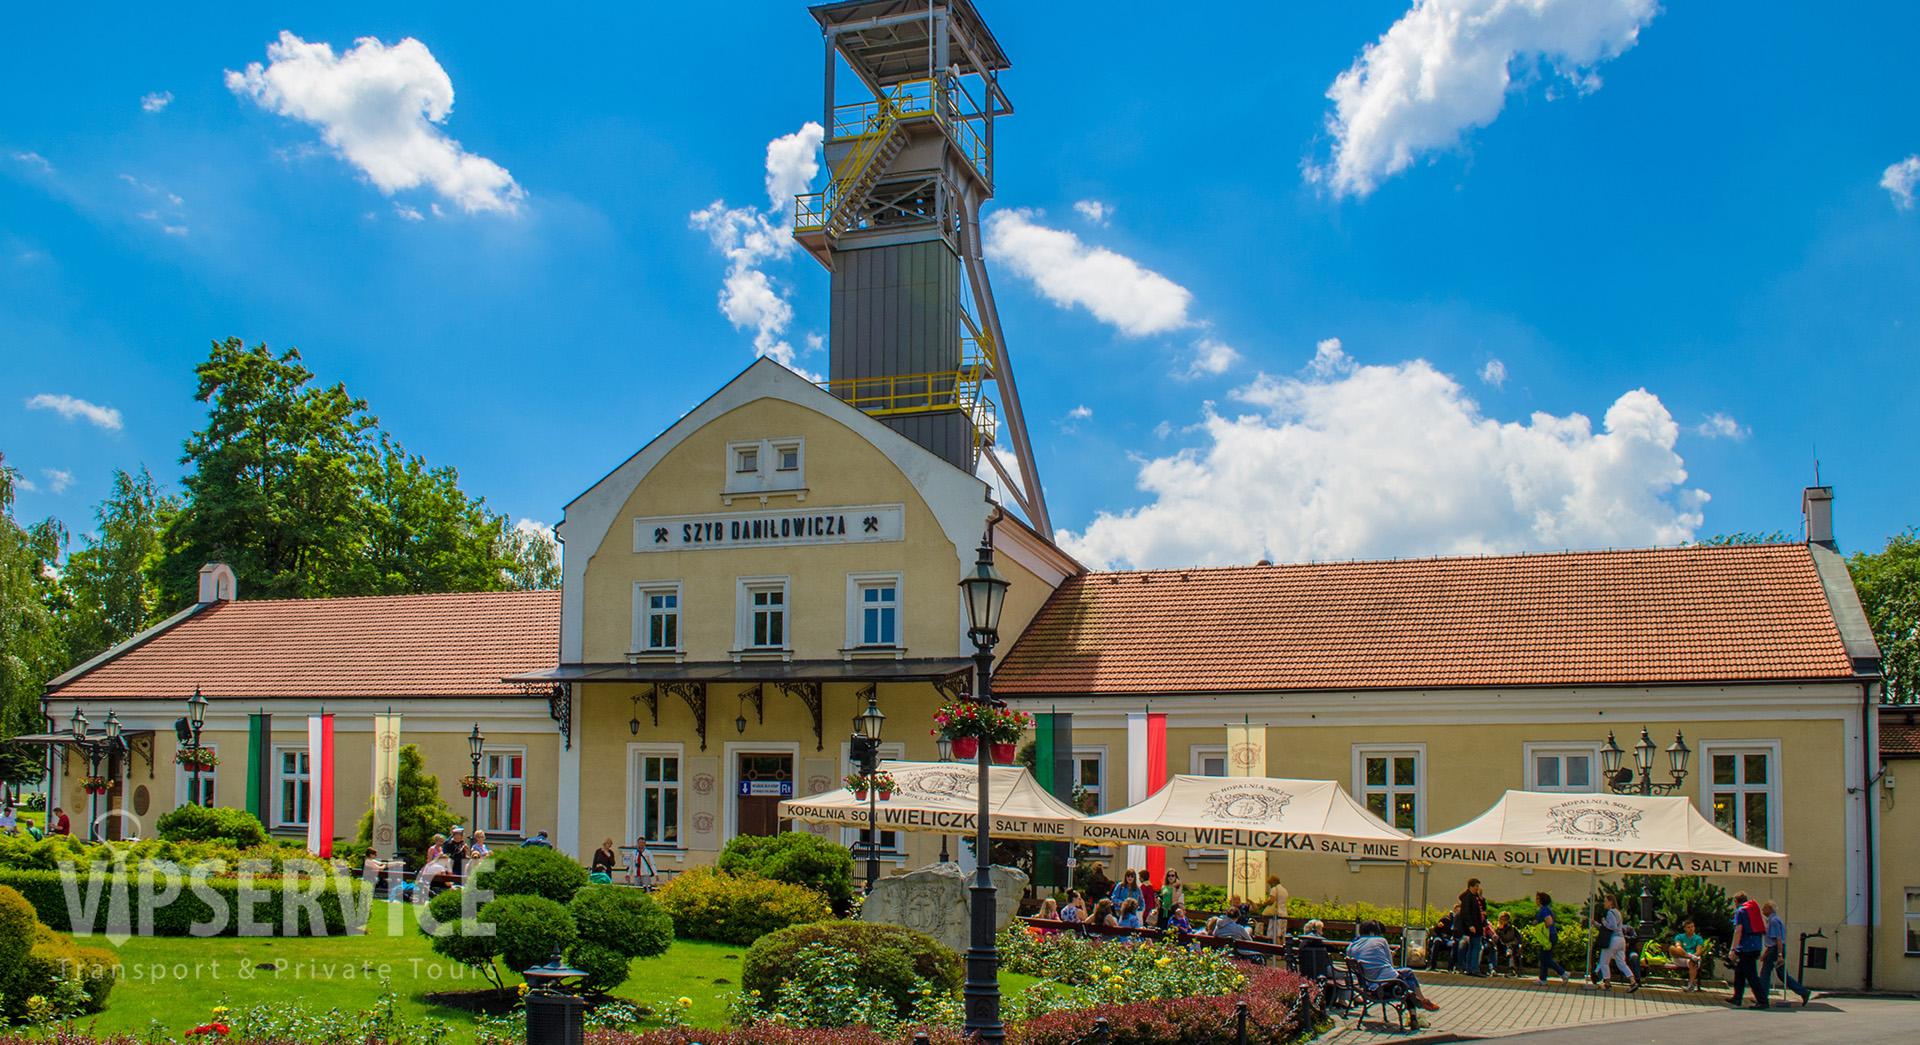 Wieliczka Salt Mine / Kopalnia Soli w Wieliczce